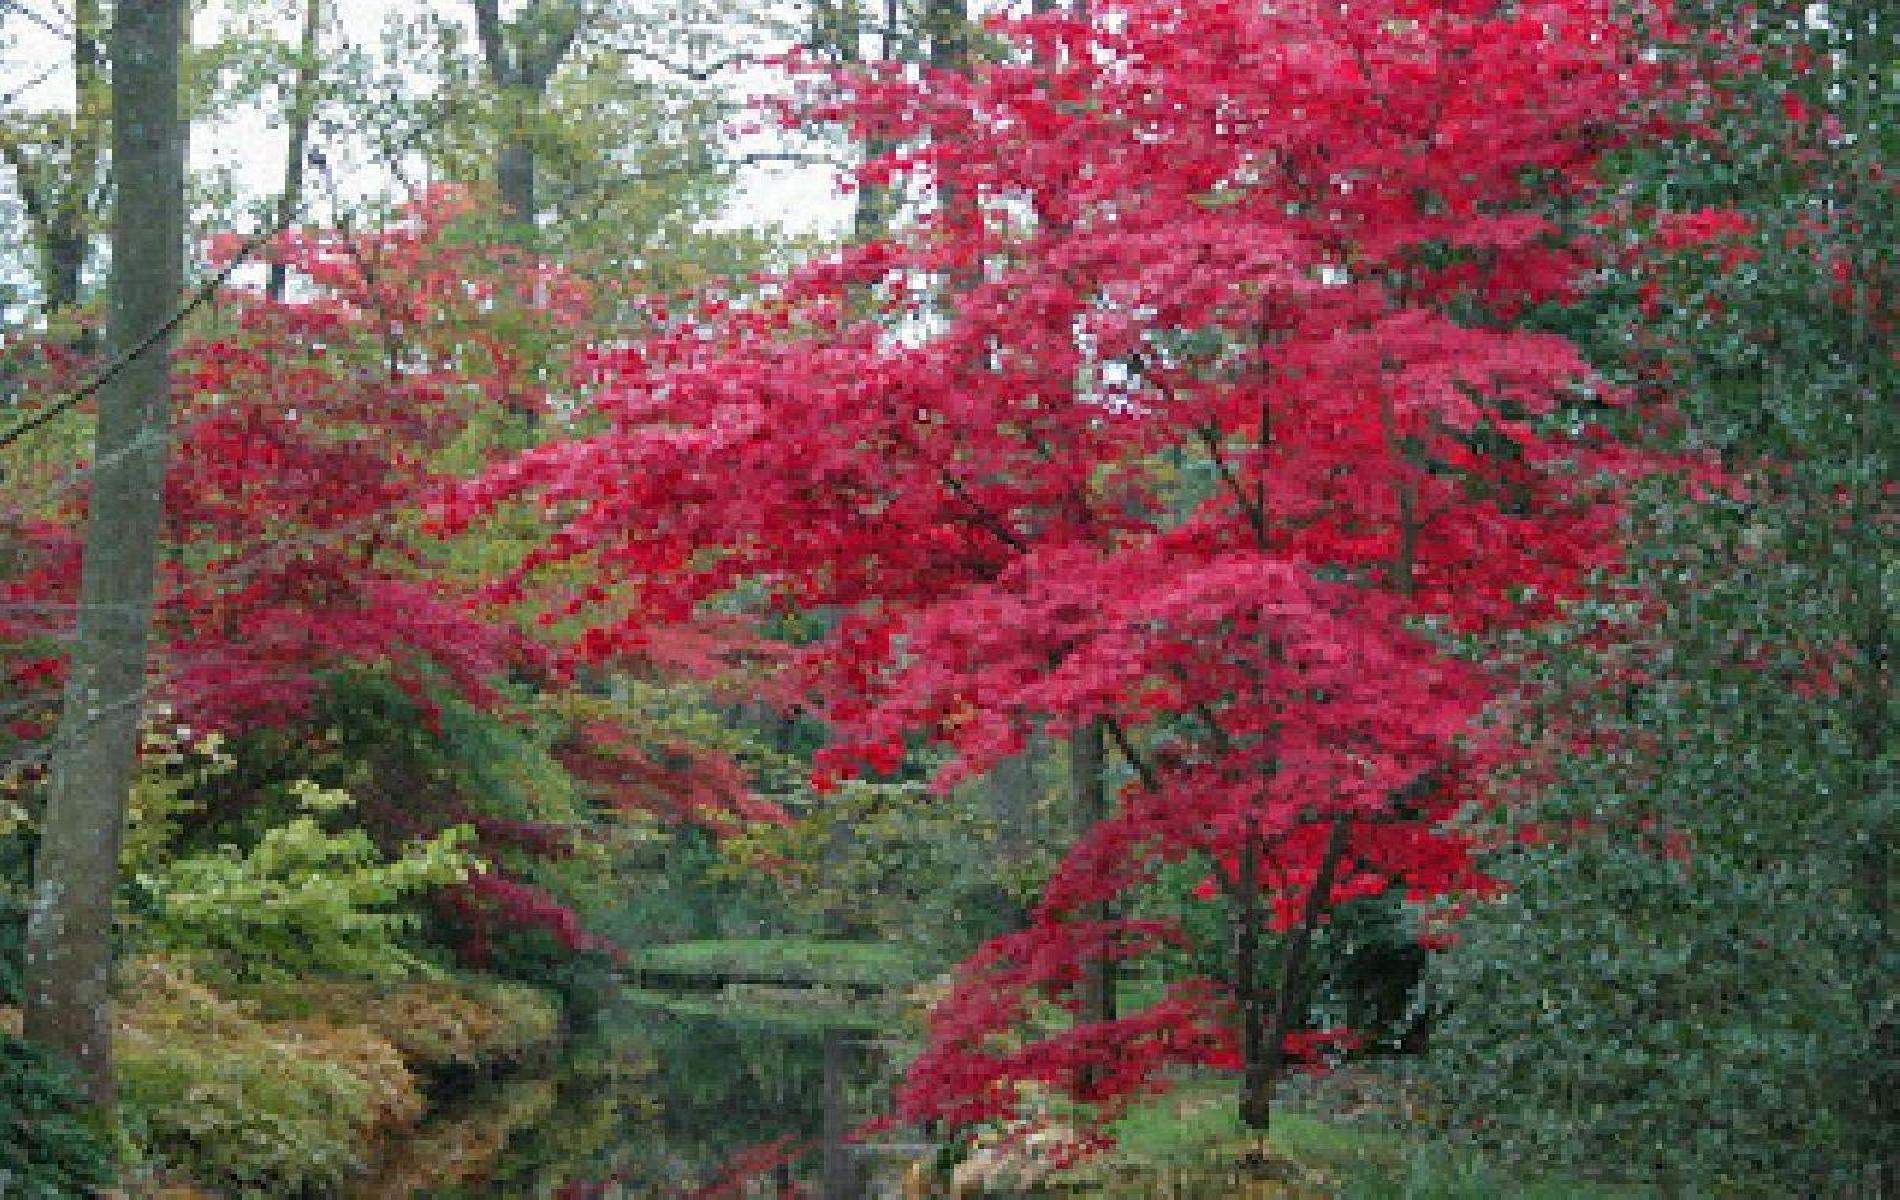 Arboretum des Prés de Culand à Meung-sur-Loire